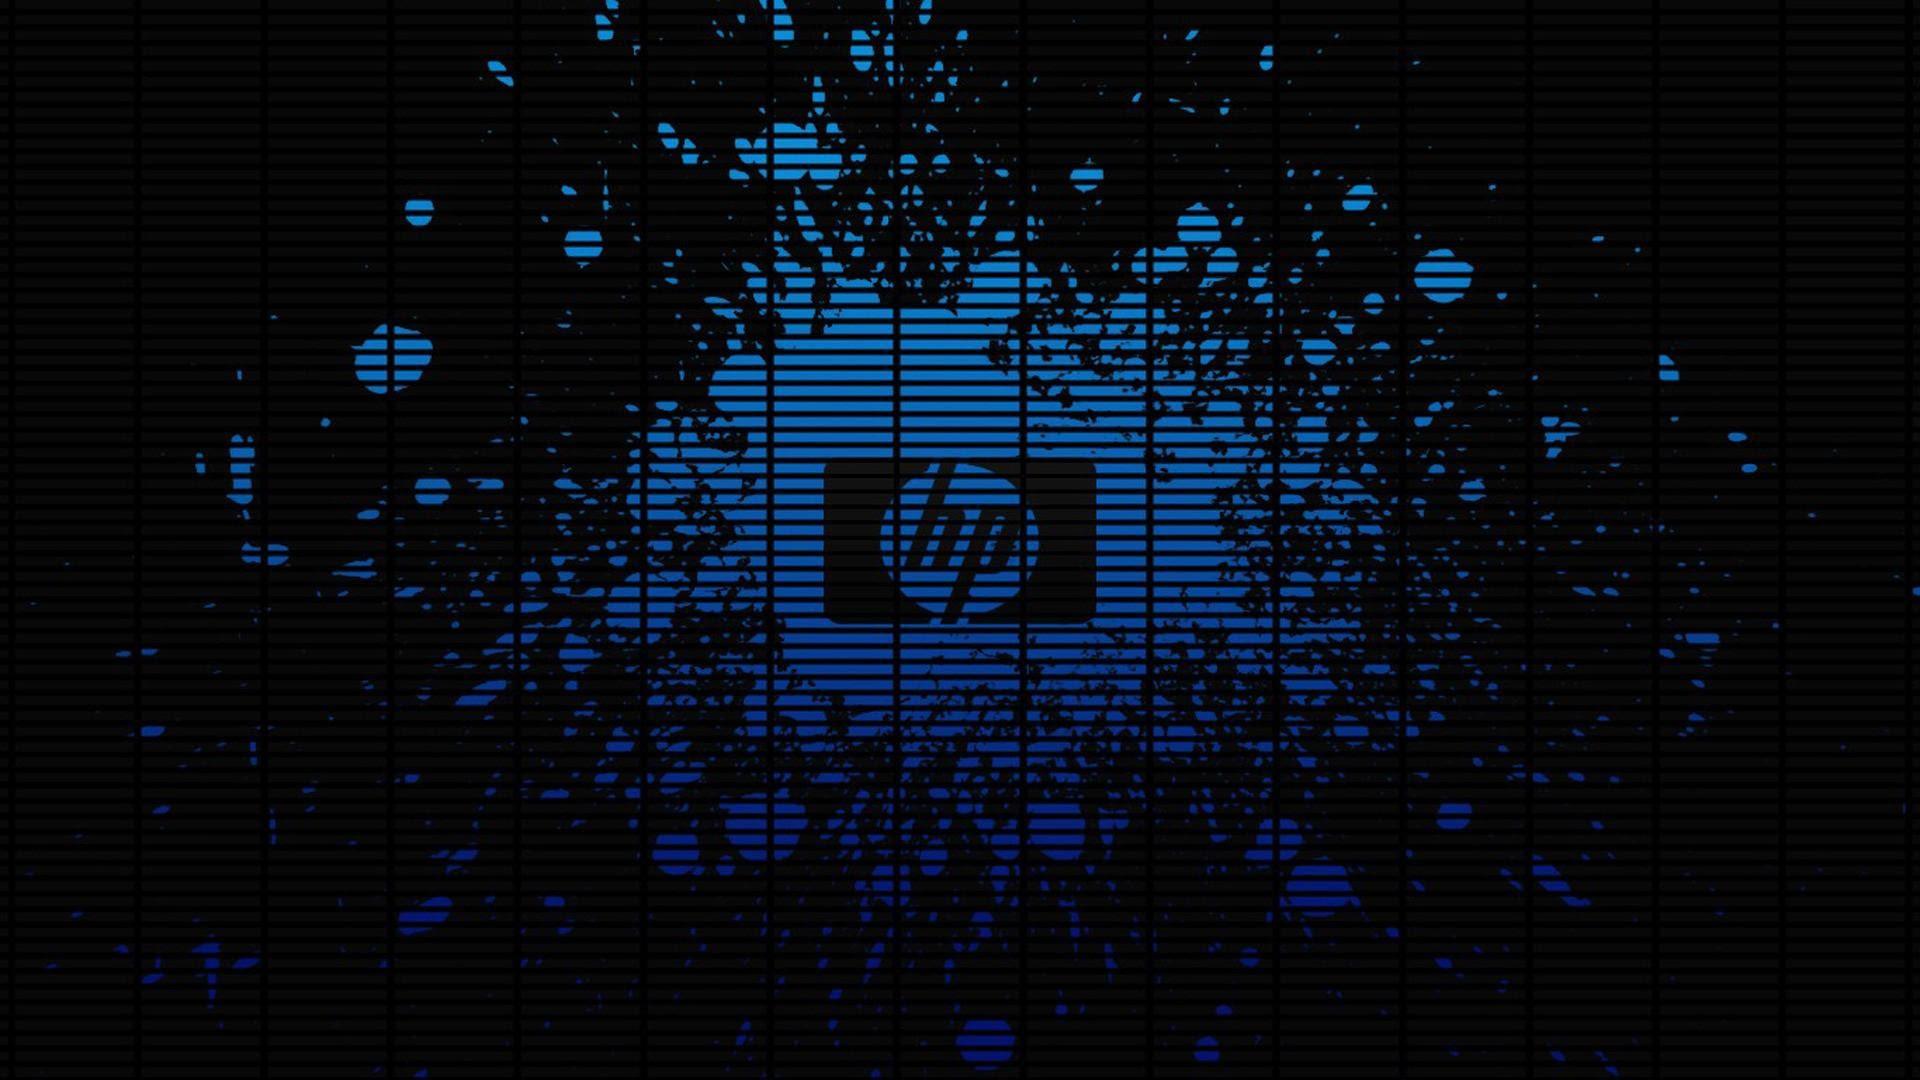 960 Koleksi Hp Laptop Wallpaper Hd Download Gratis Terbaik